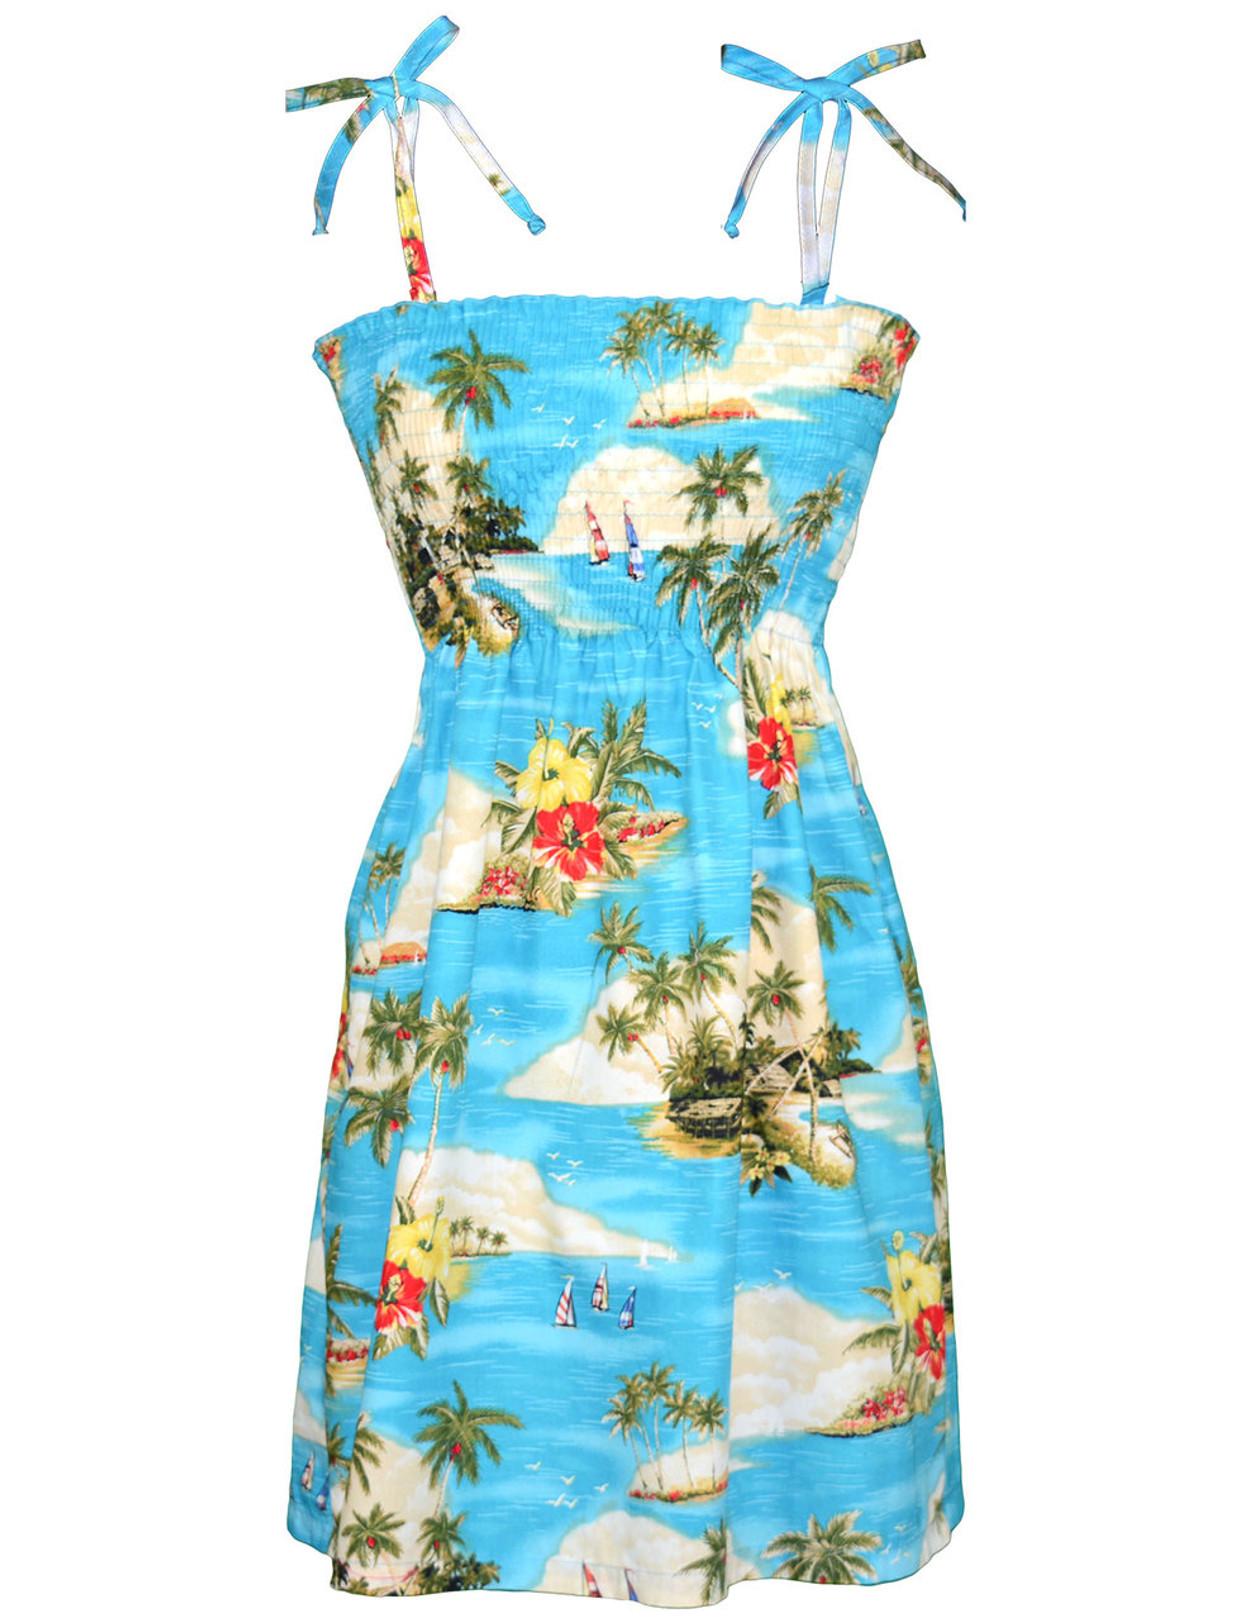 Aloha Resort Smock Island Dress - Hawaiian Wedding Place